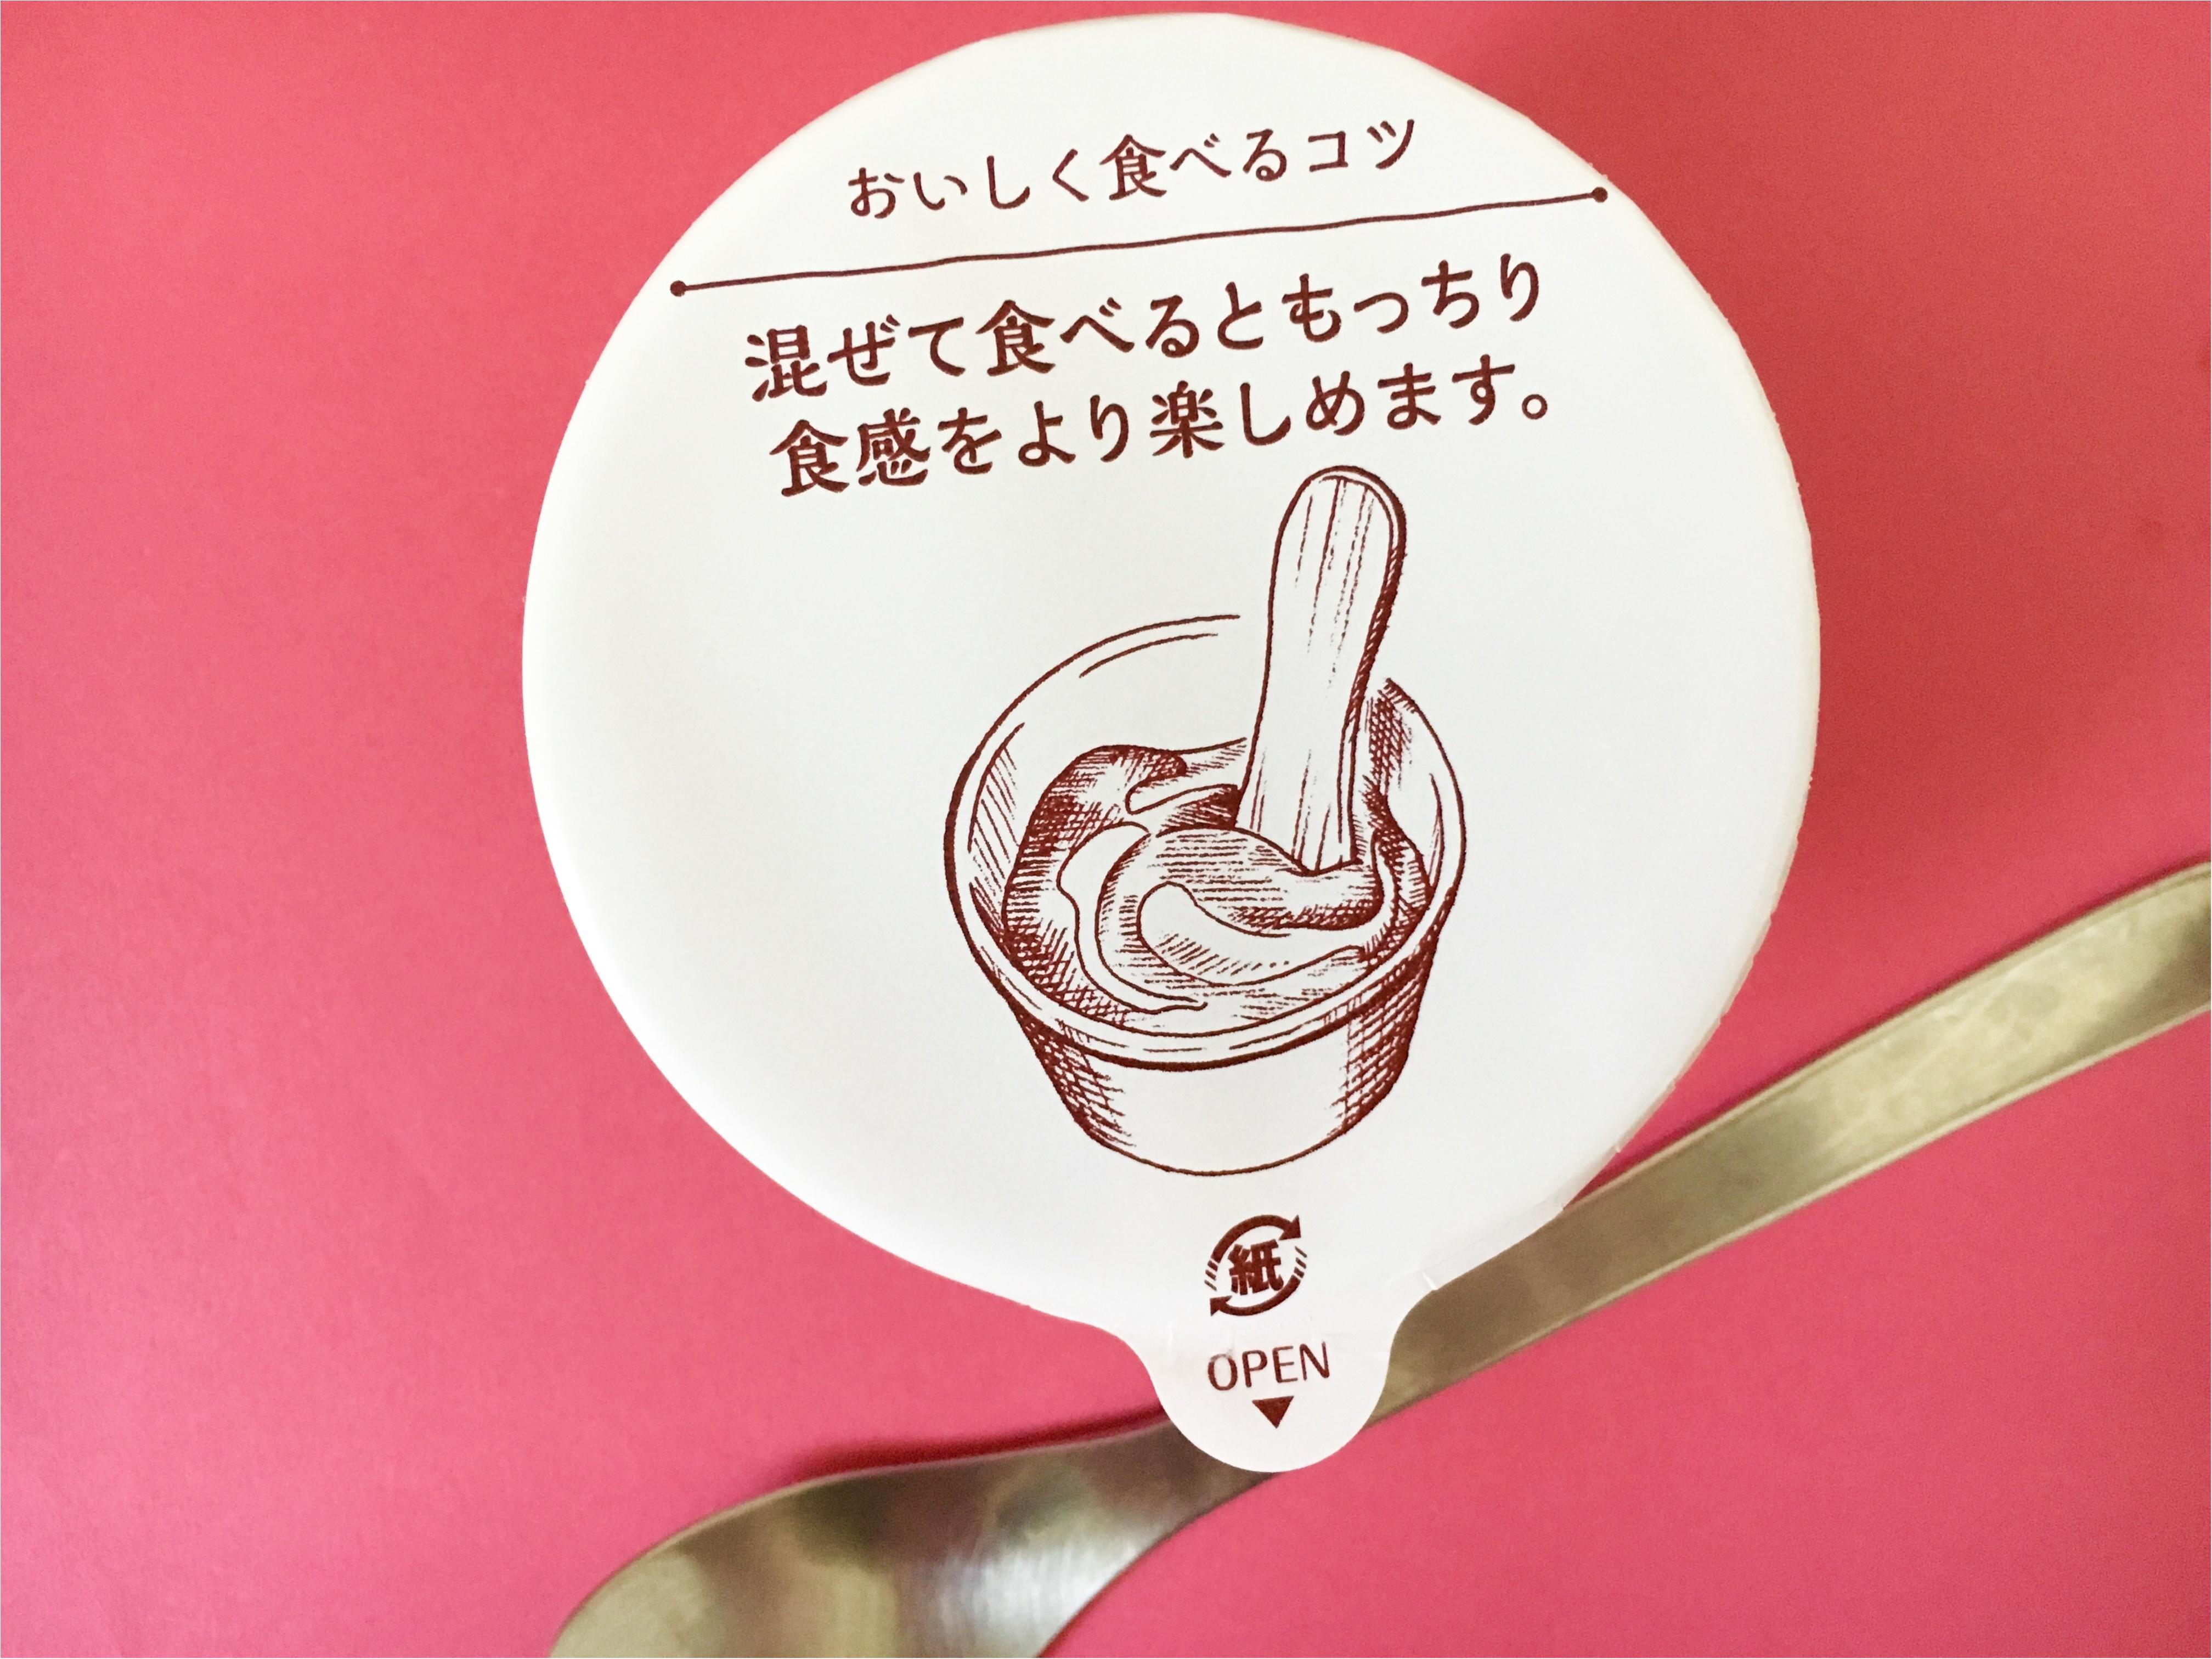 【セブンイレブン】もっちり新食感❤️今週発売の《新作アイス》が絶品!_3